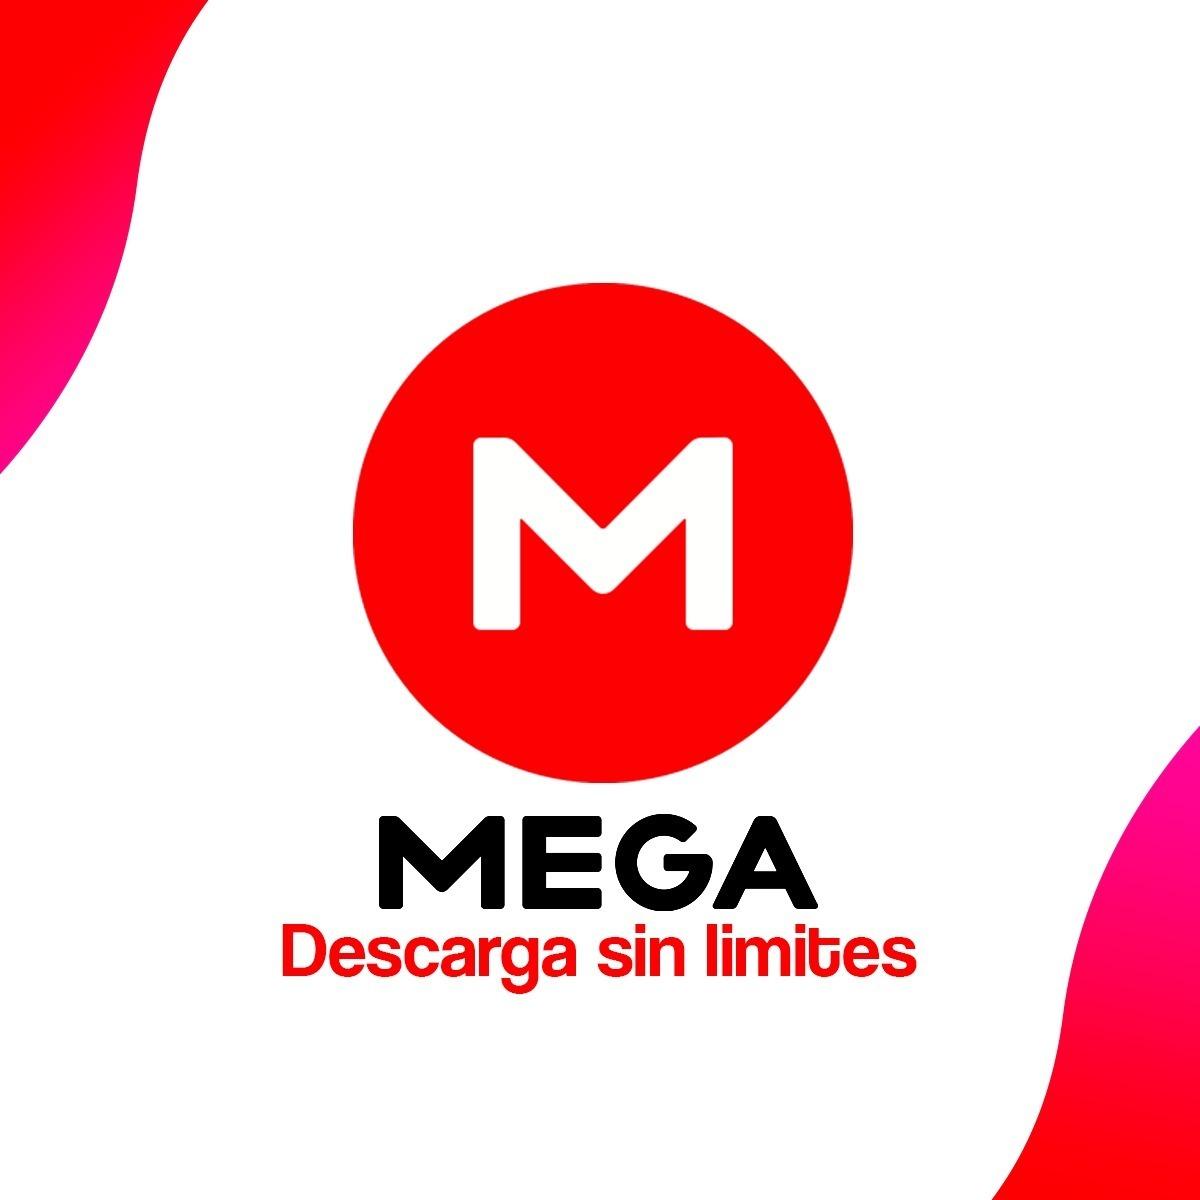 Mega.nz 2 Meses 1tb - S/ 17,00 en Mercado Libre